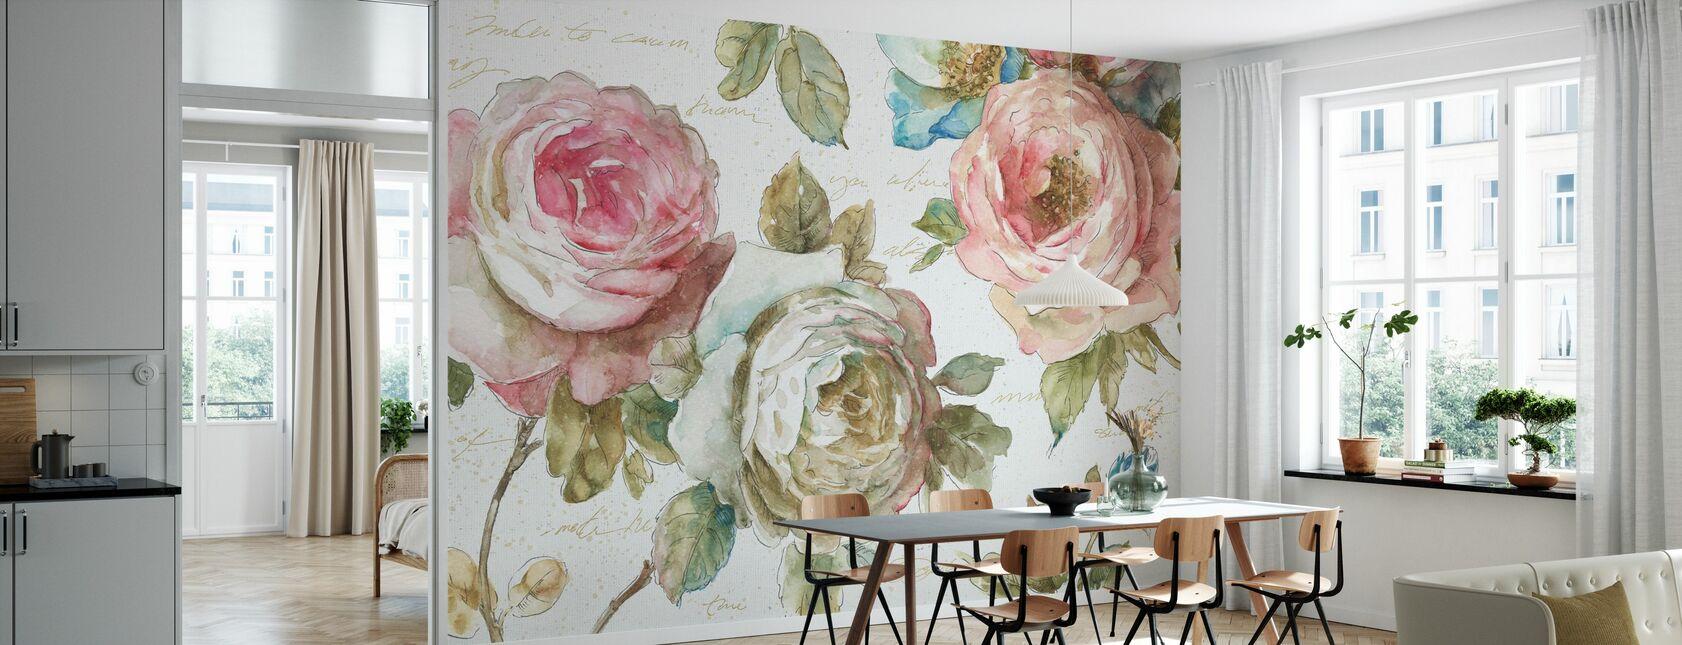 Poeme DAmour - Wallpaper - Kitchen